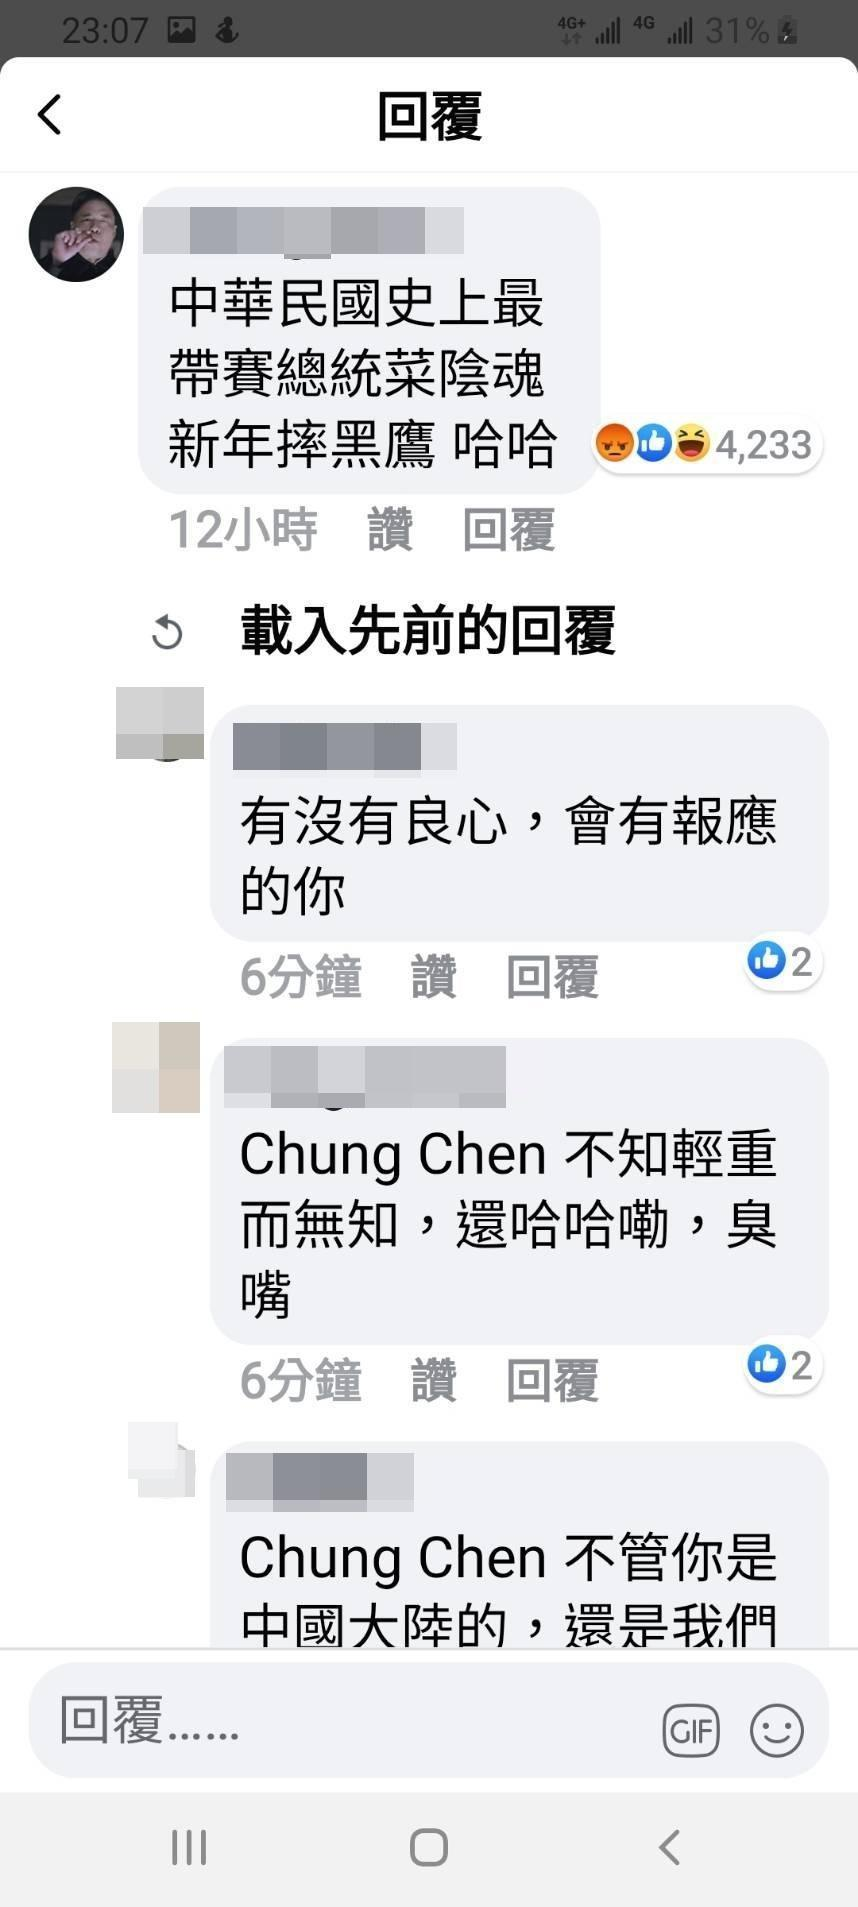 酸民諷總統蔡英文「中華民國史上最帶賽總統」,隨即受到網友痛斥「沒水準」。(翻攝蔡英文臉書)